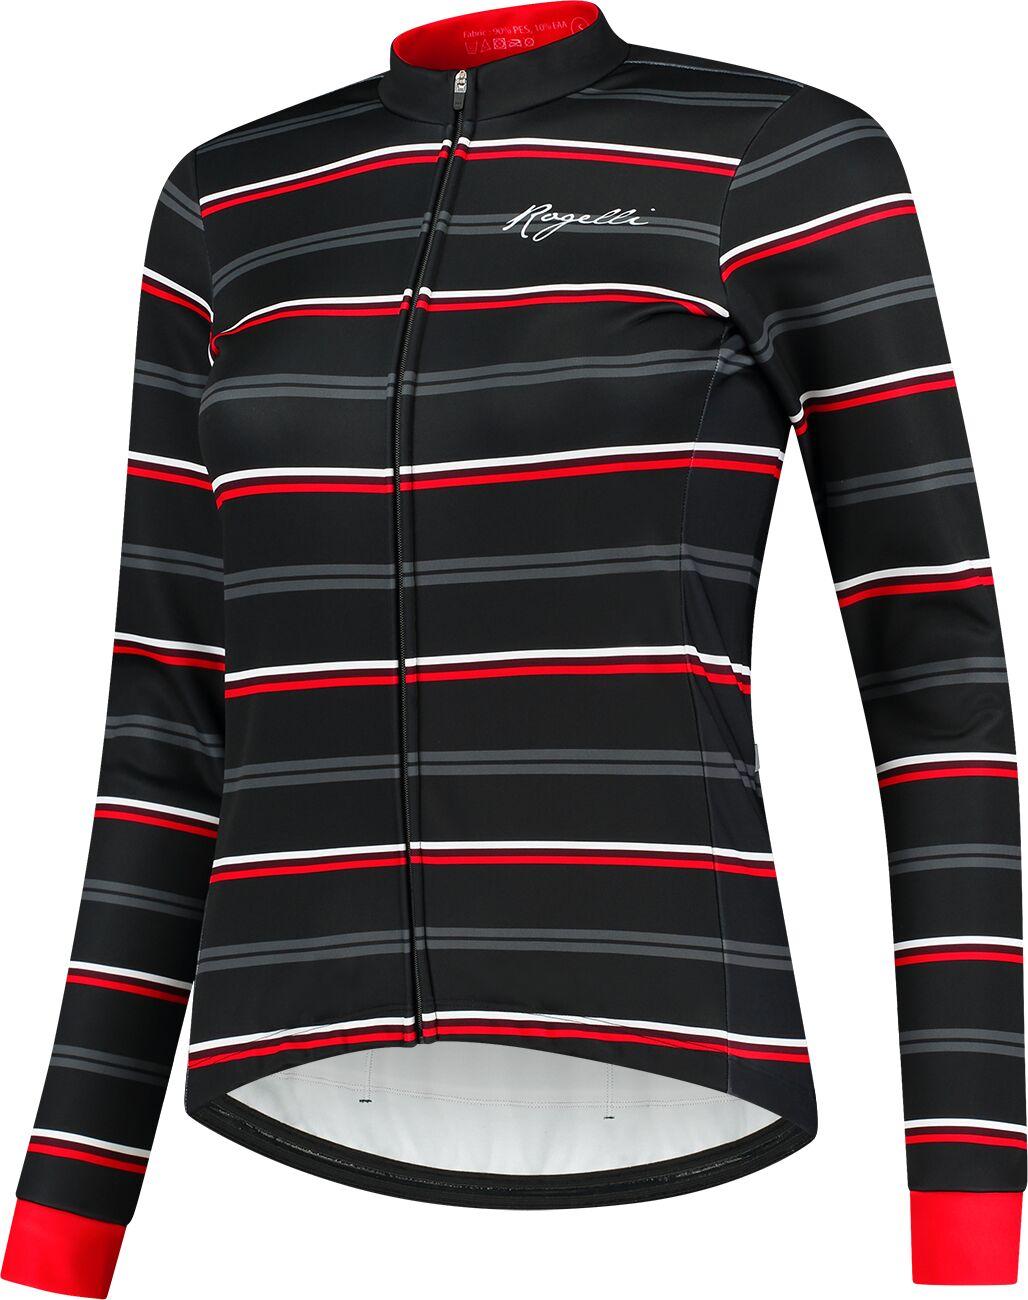 ROGELLI zimowa kurtka rowerowa damska STRIPE black/red ROG351086 Rozmiar: S,ROG351086.XS